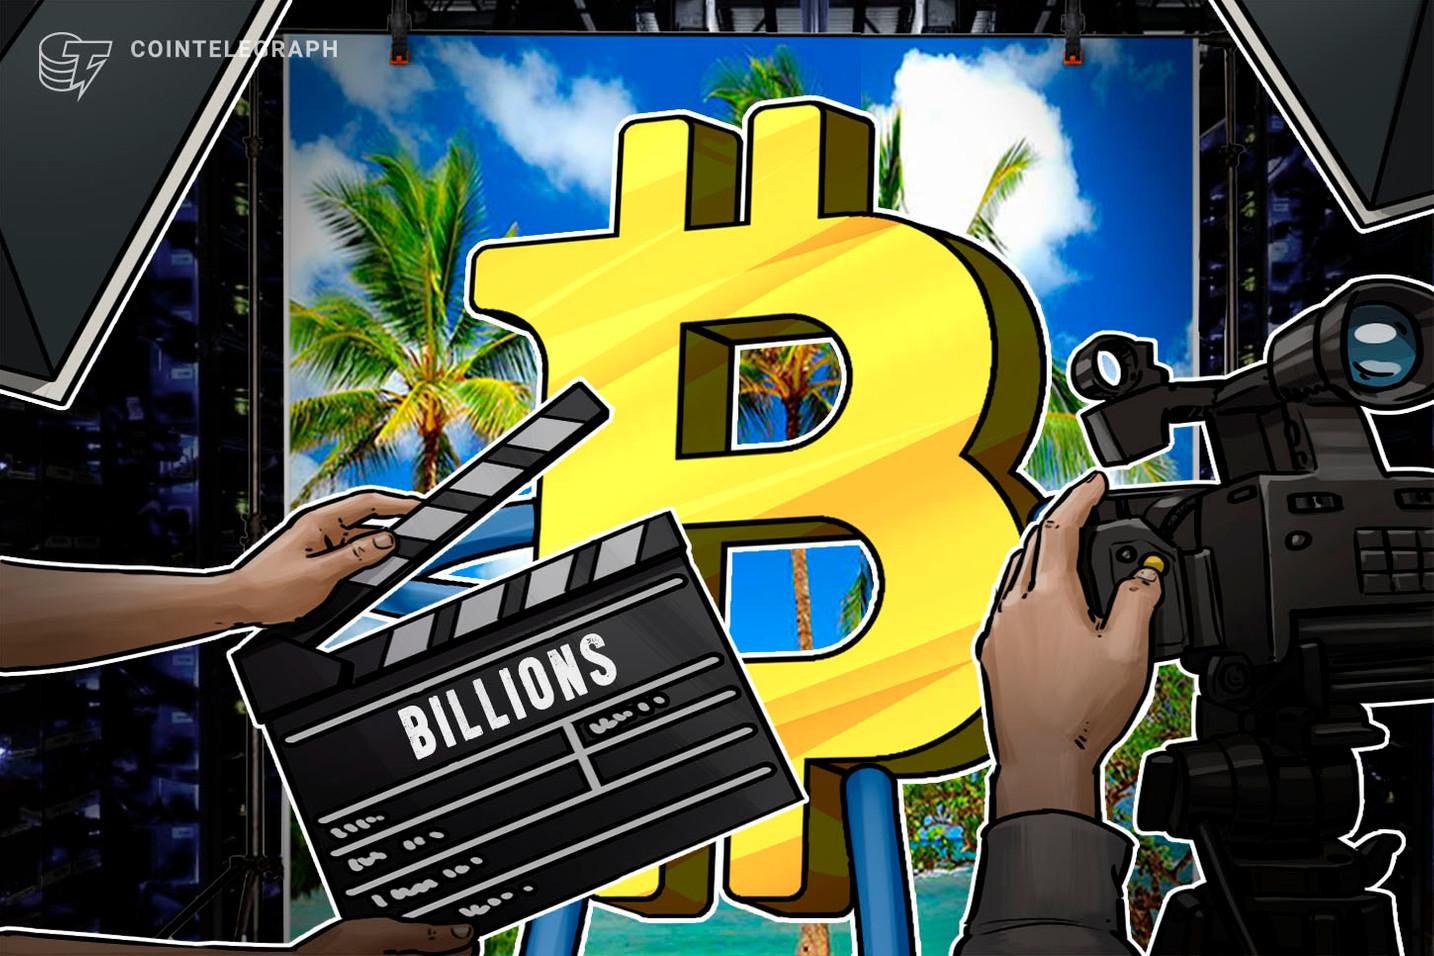 米ドラマ「ビリオンズ」、新シリーズは仮想通貨ビットコインが題材